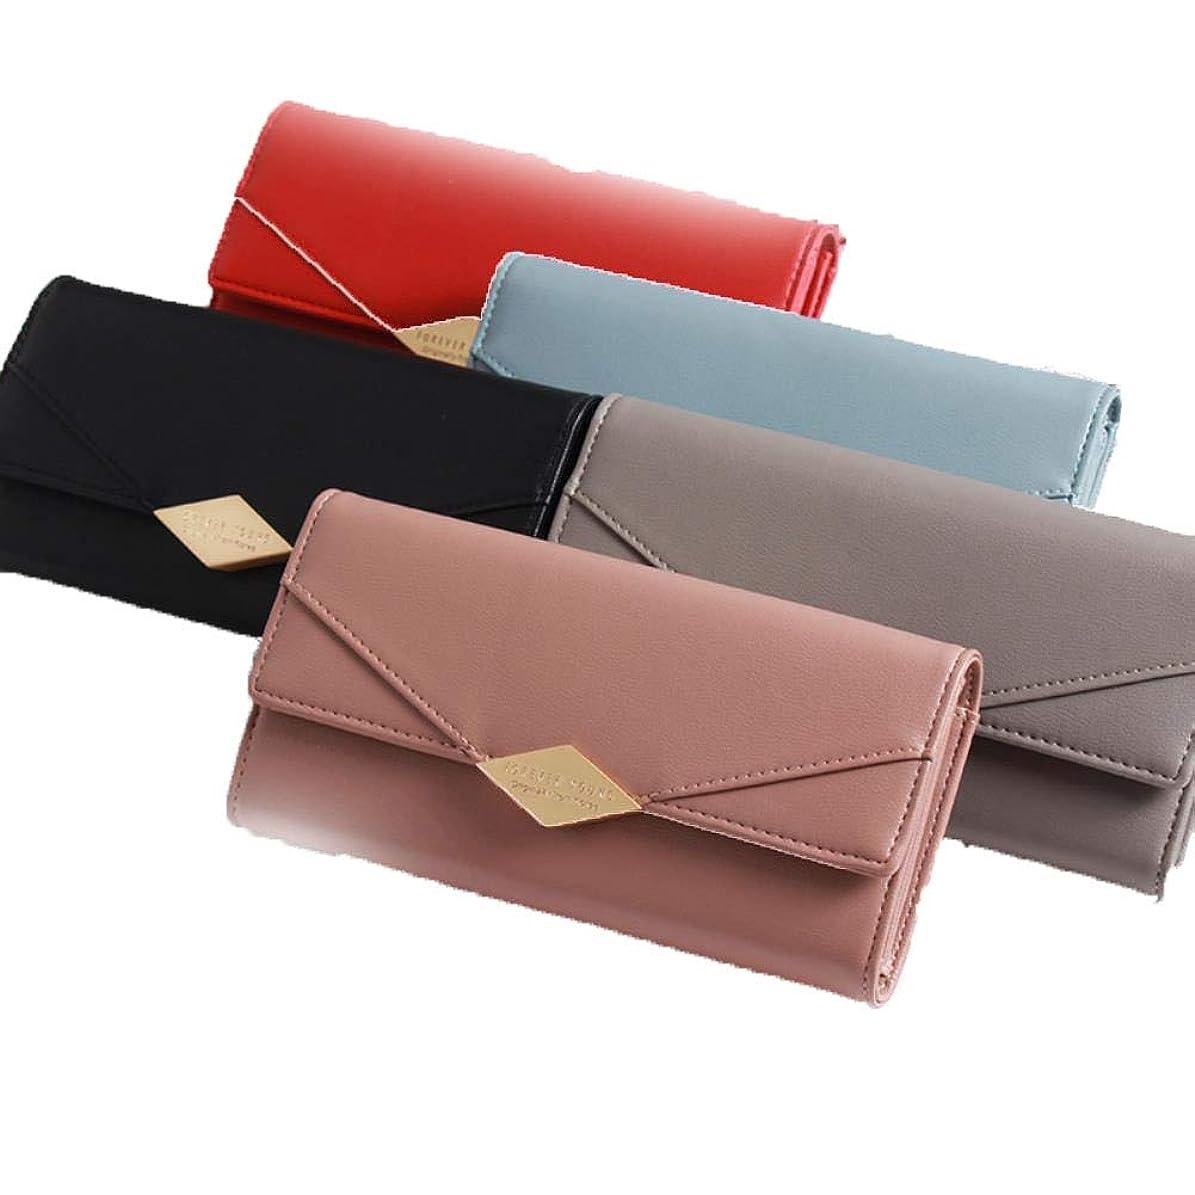 重要な根絶する泣き叫ぶハンドバッグの女性のバッグの韓国の女性の財布の長さの折りたたみ式の携帯電話バッグ3つの大容量